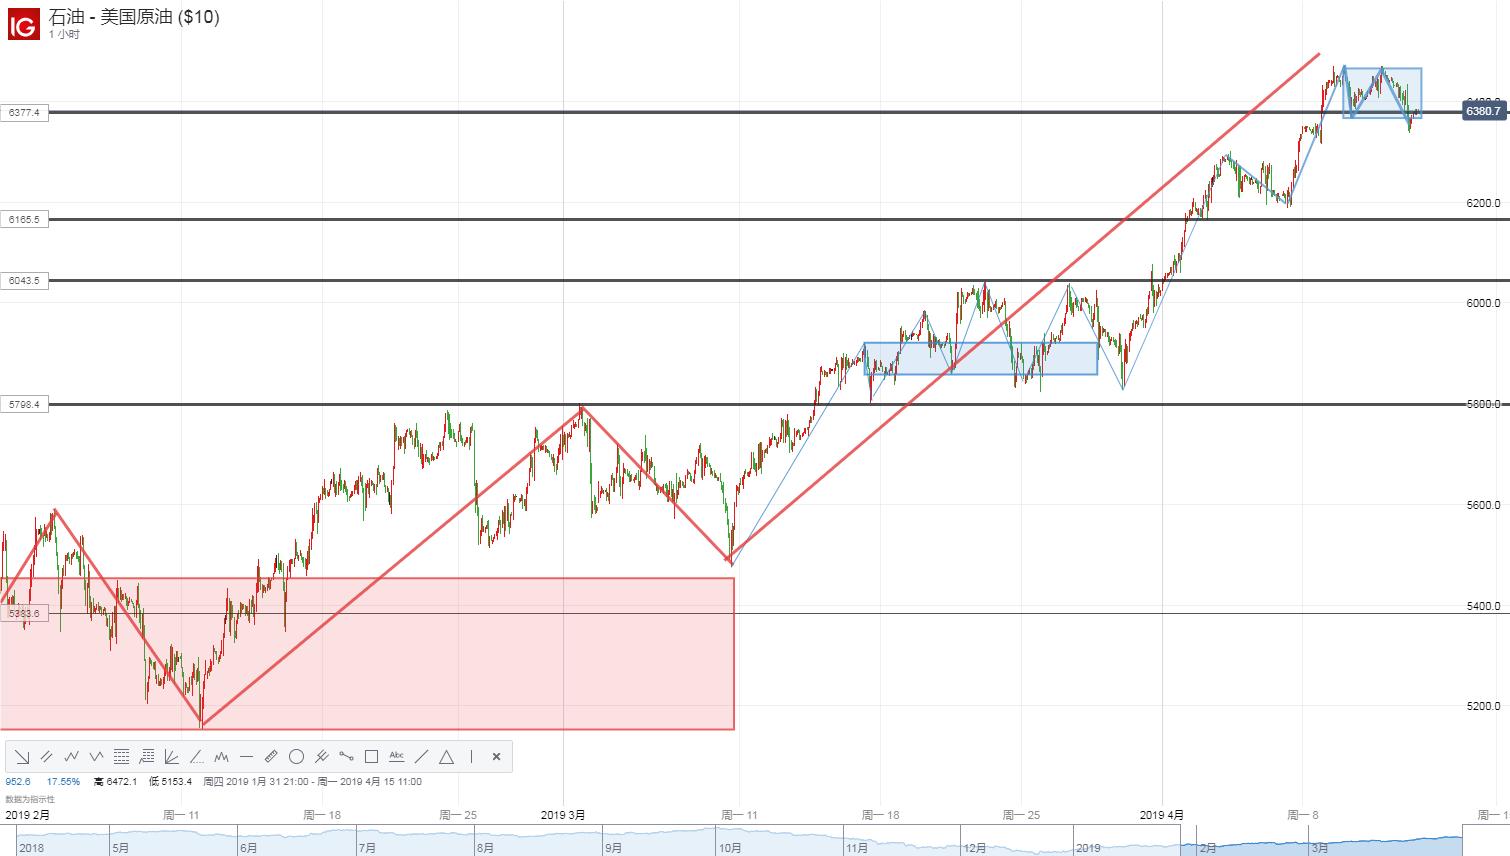 【原油】OPEC+減產態度180度急轉?美指回升、油價失守64美元!